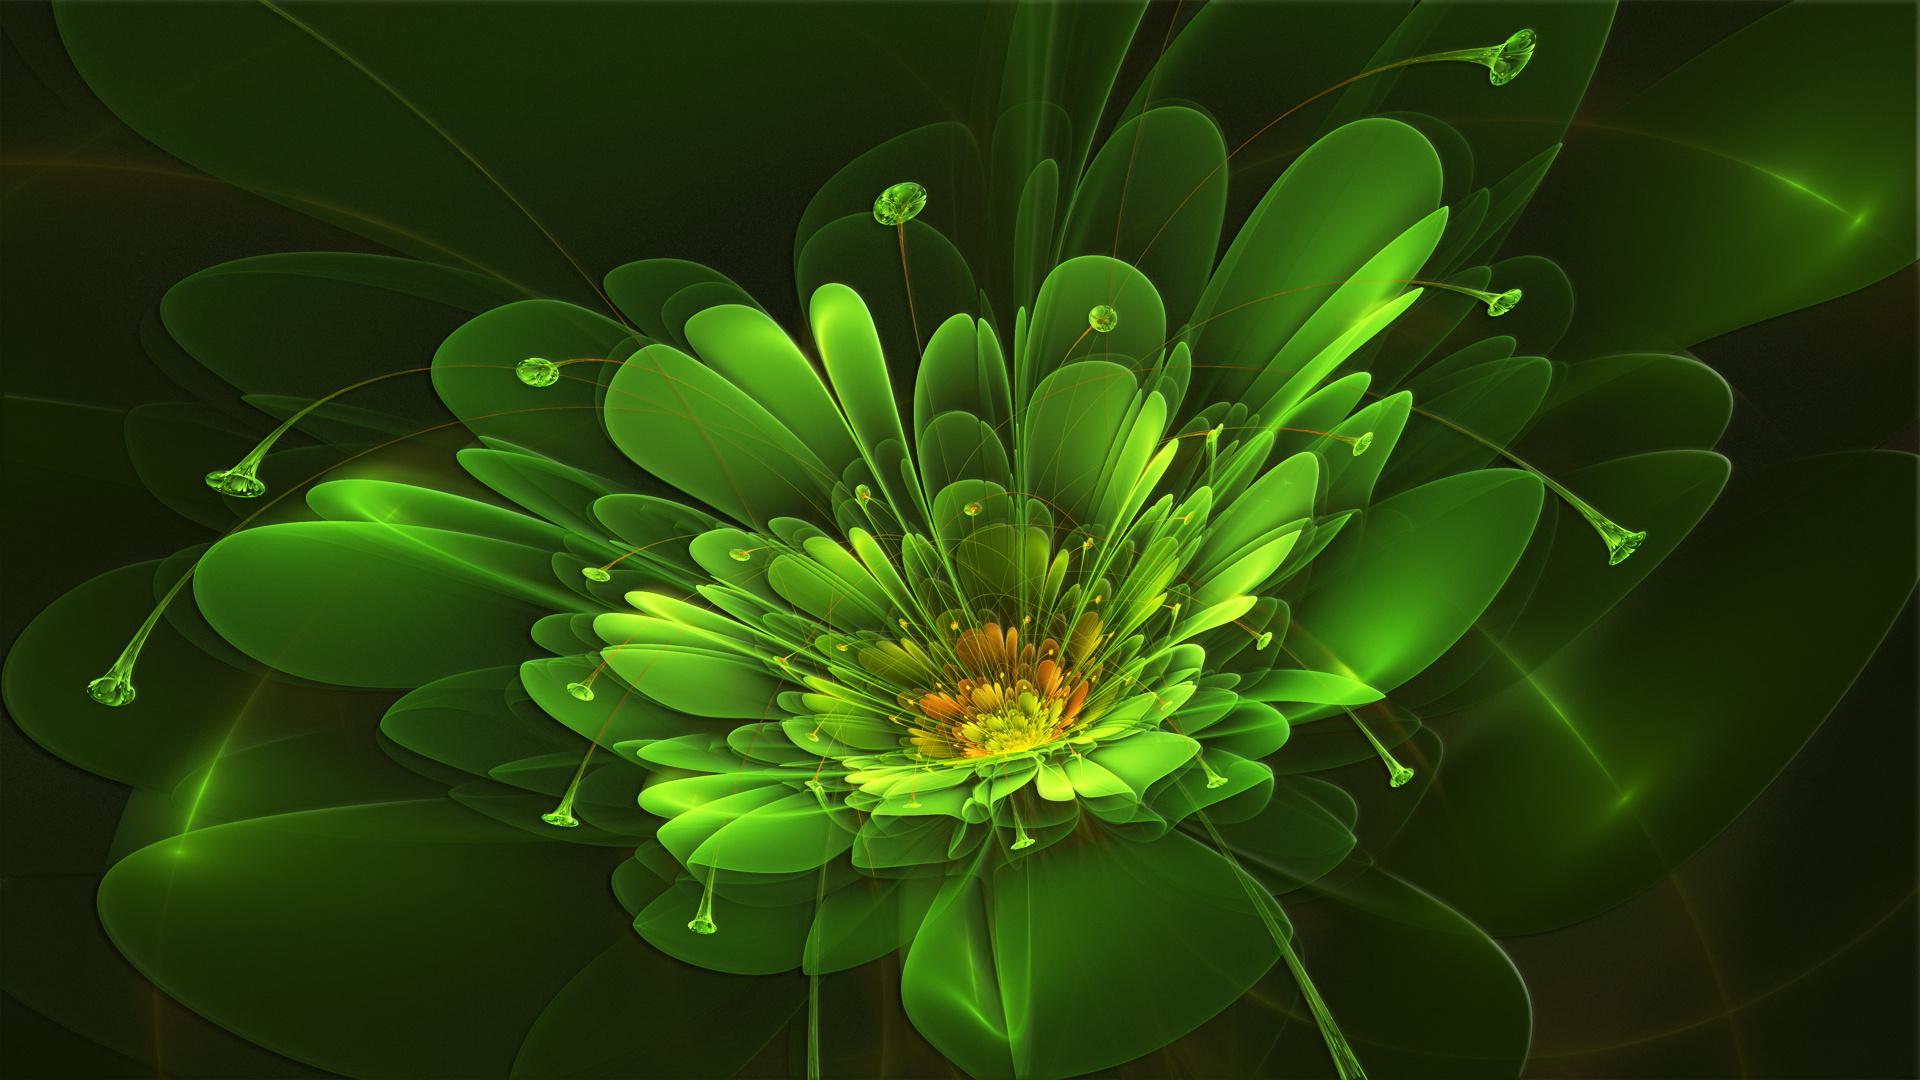 кадрировать, накладывать картинки на рабочий зеленого цвета главной частью